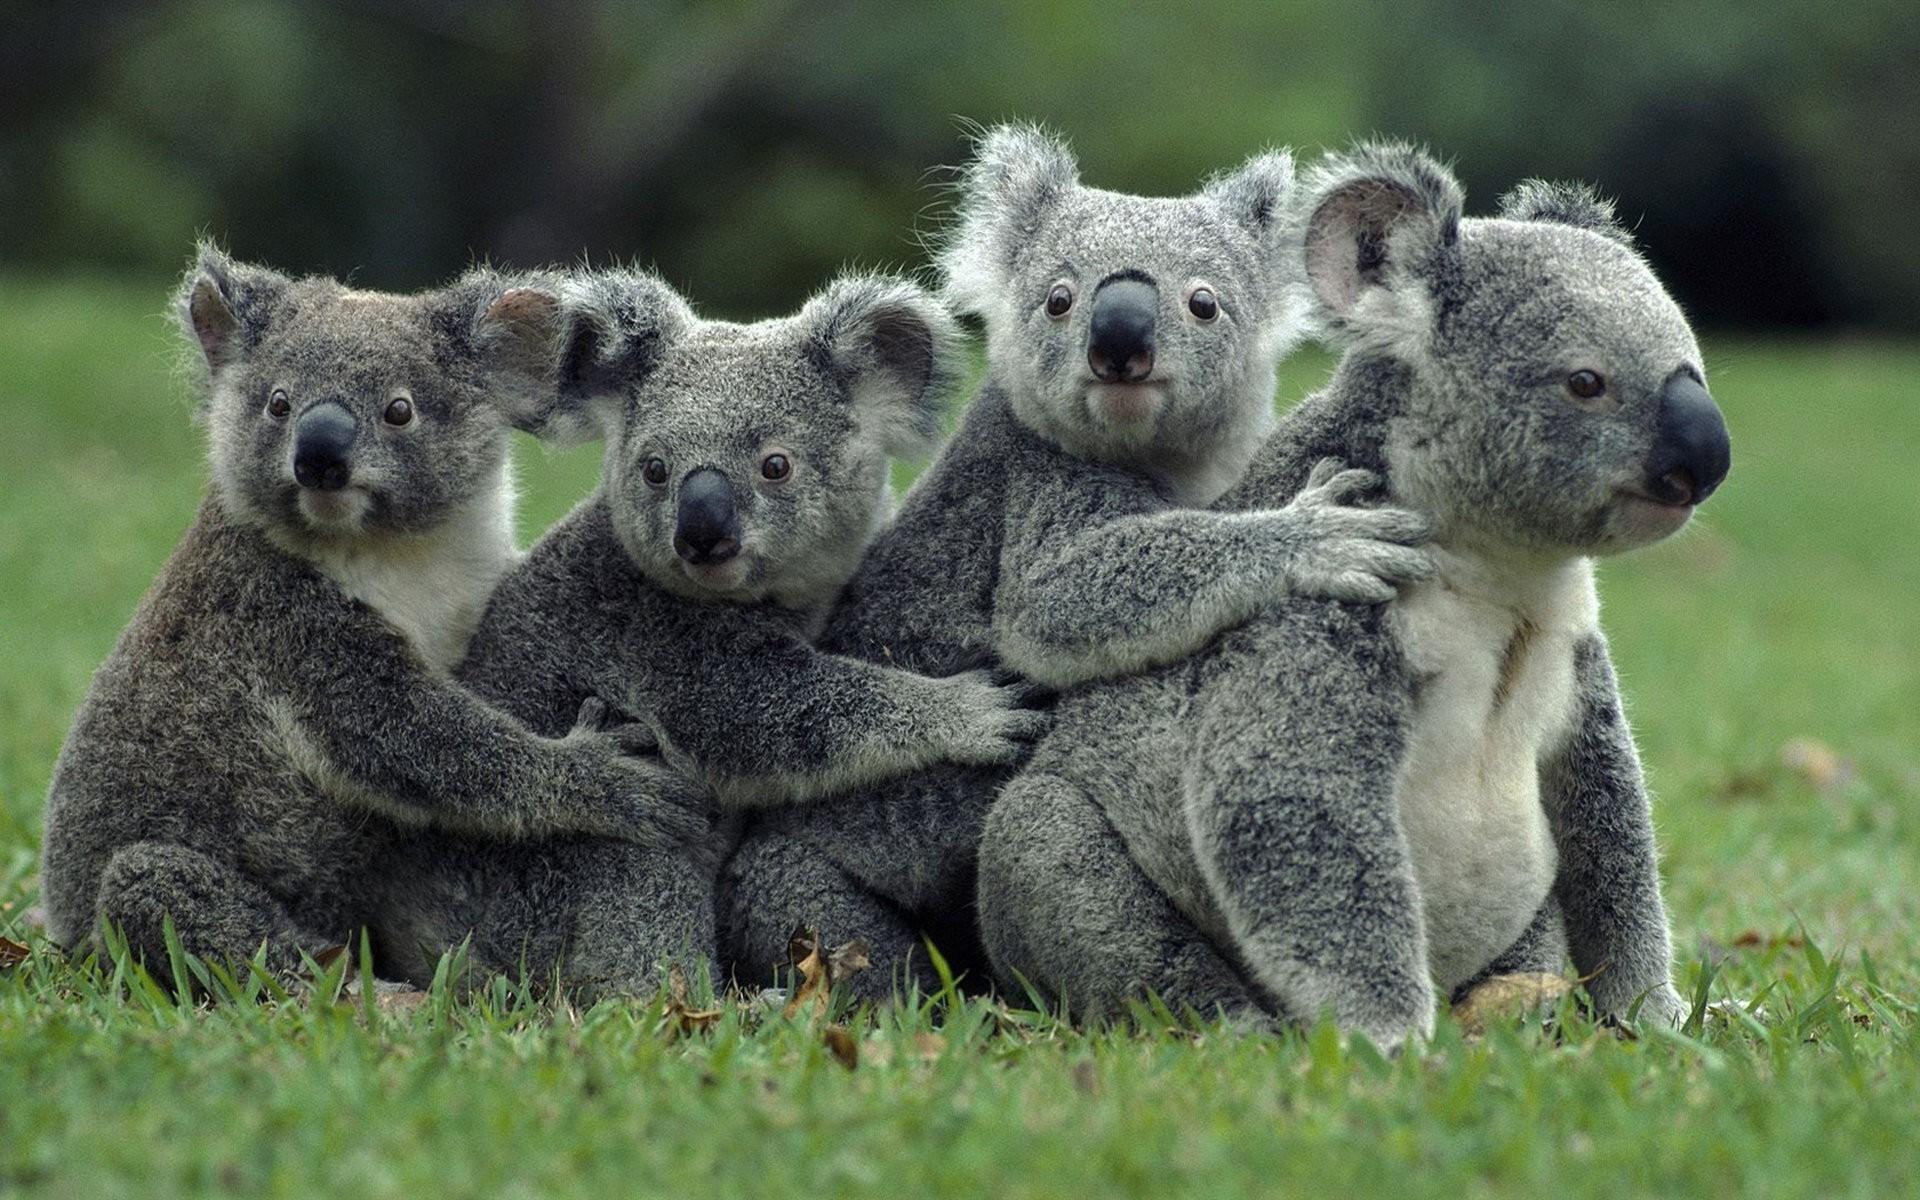 Cute Baby Hug Wallpapers Baggrunde Dyr Dyreliv Koalaer Fauna Pattedyr